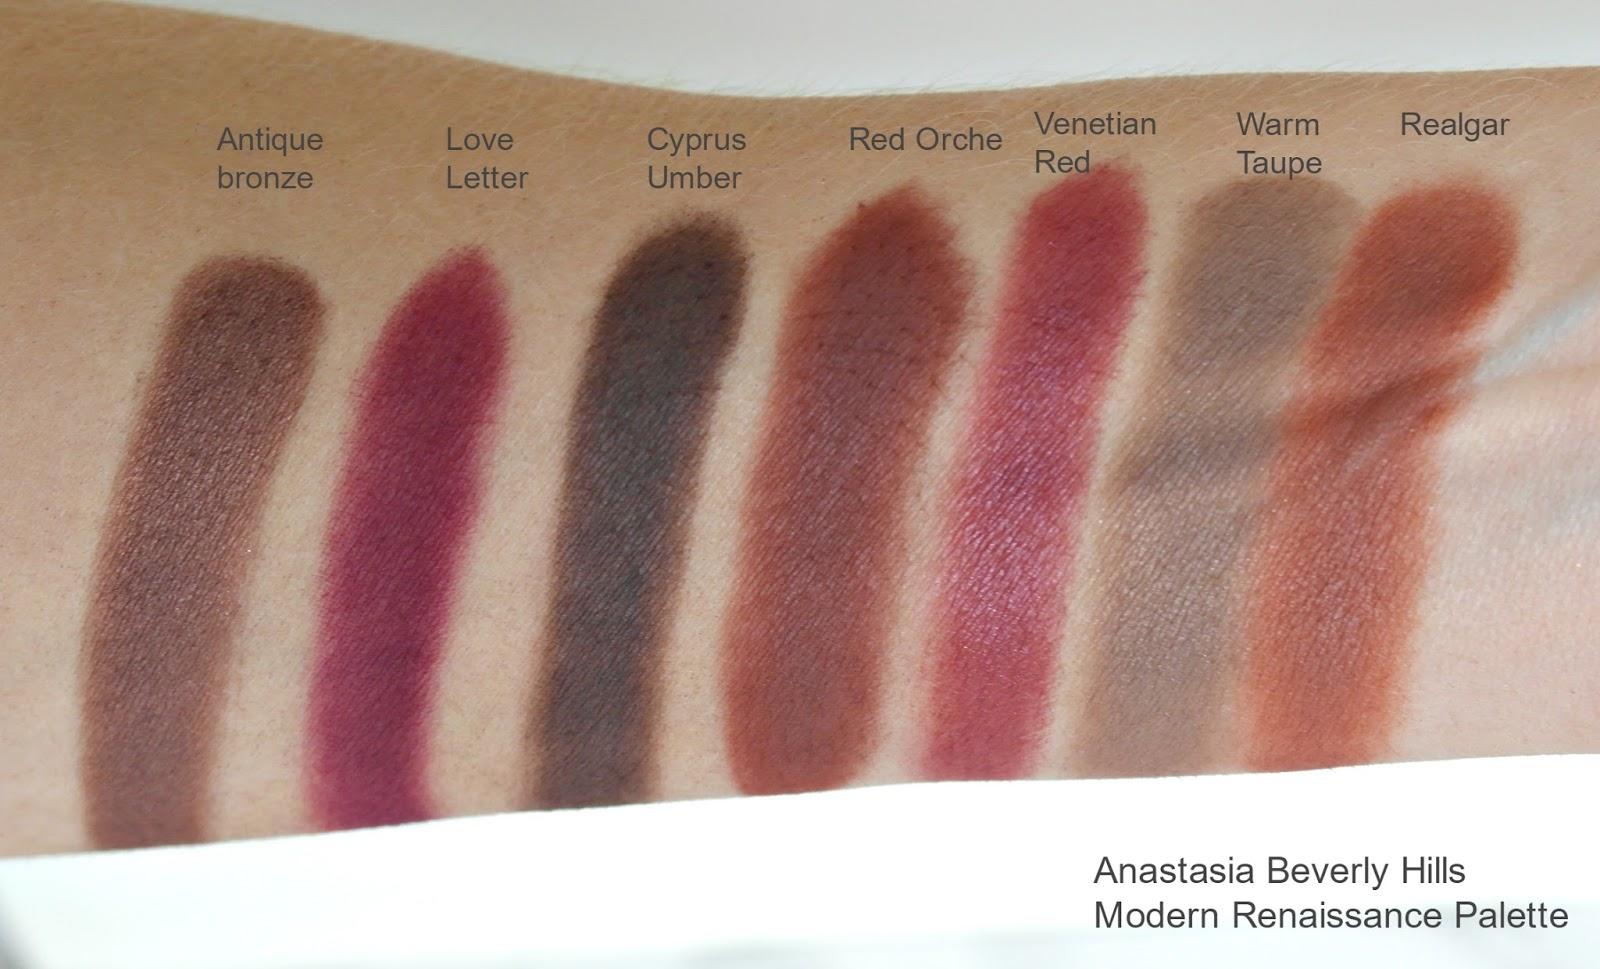 Anastasia beverly hills, modern renaissance palette, swatches, ABH